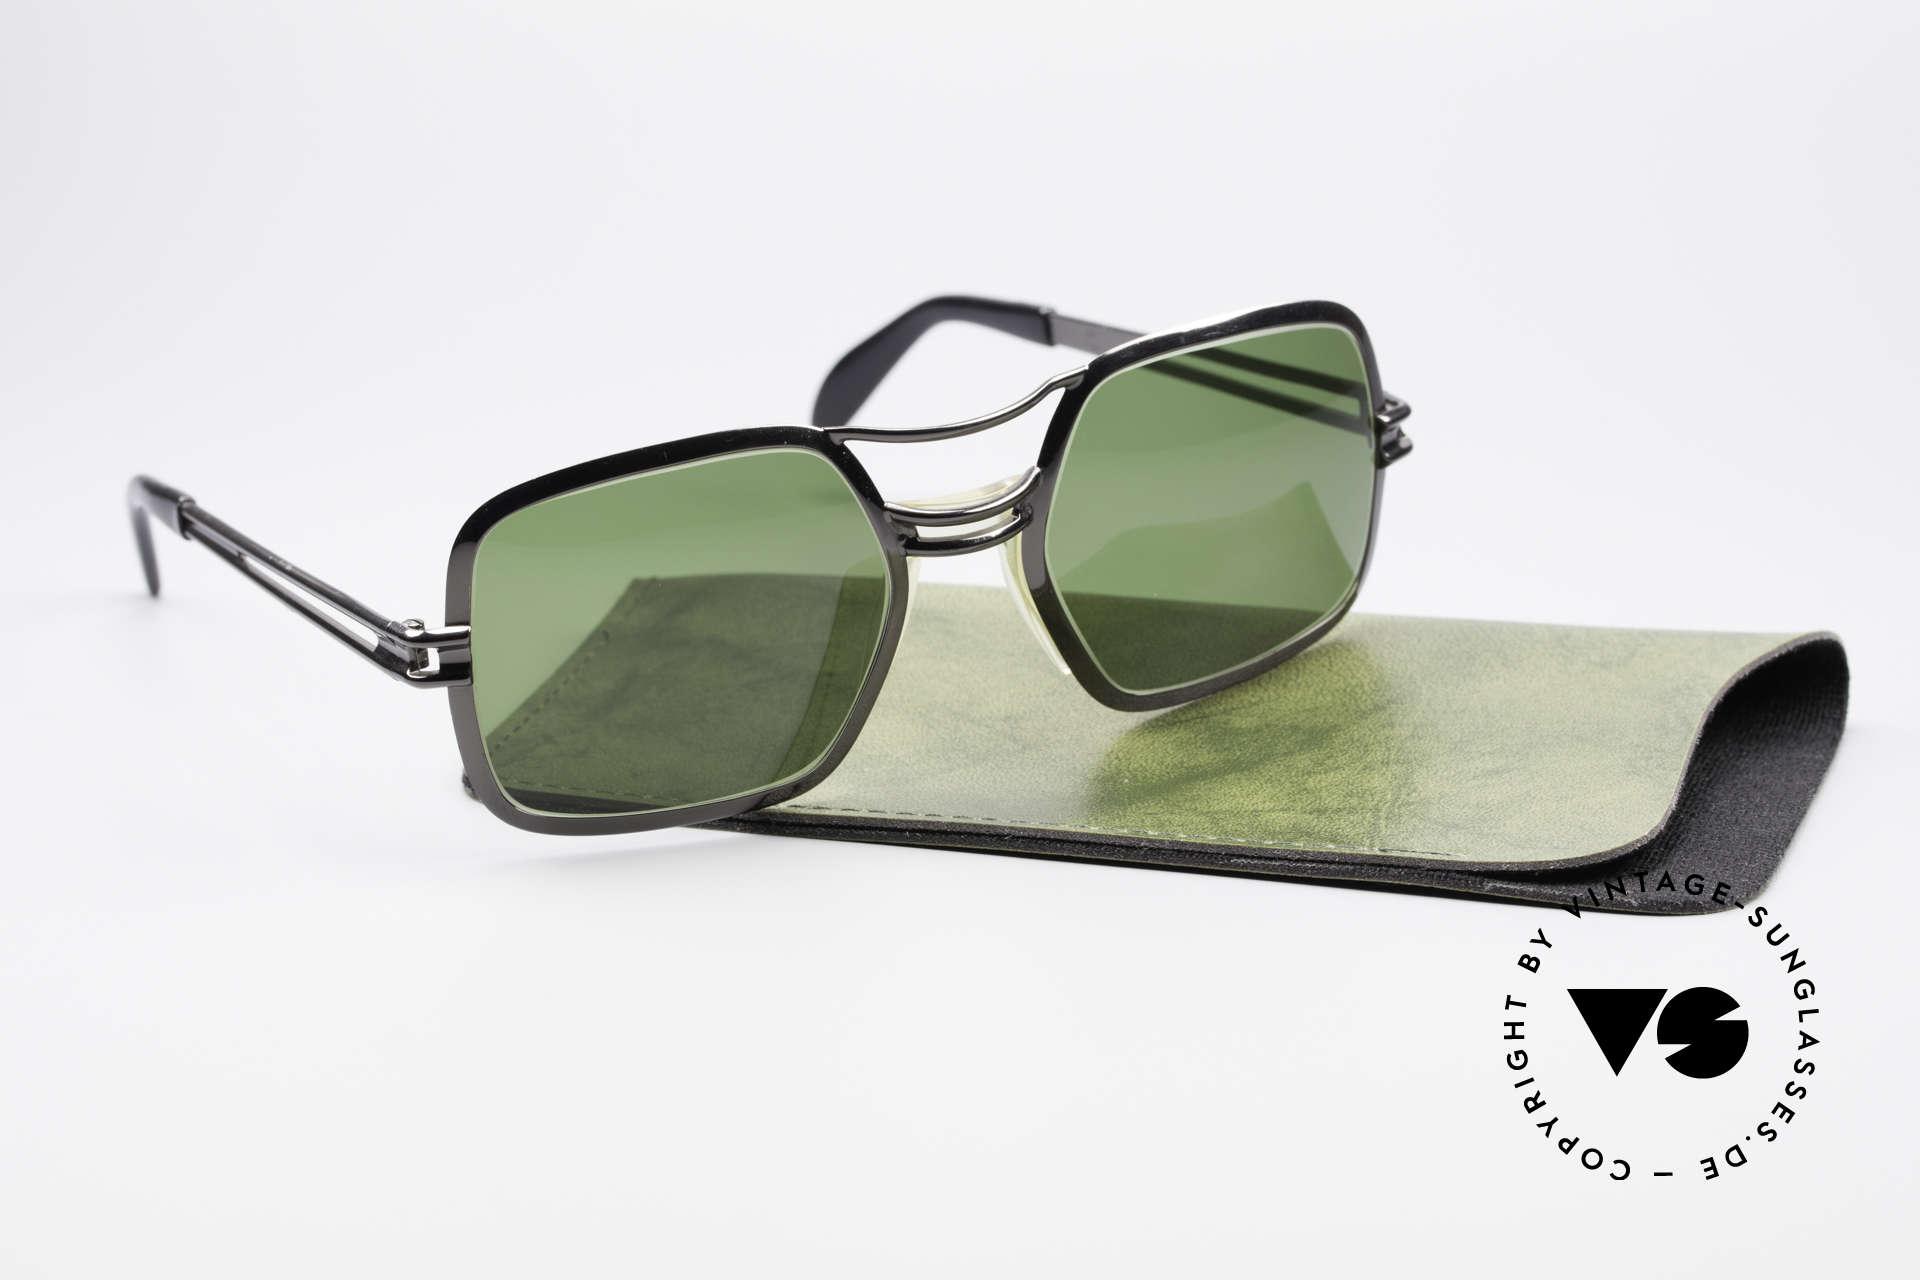 Saphira 102 Cari Zalloni 60er Design, diese Metall-Fassung stammt daher von 1964 - 1968, Passend für Herren